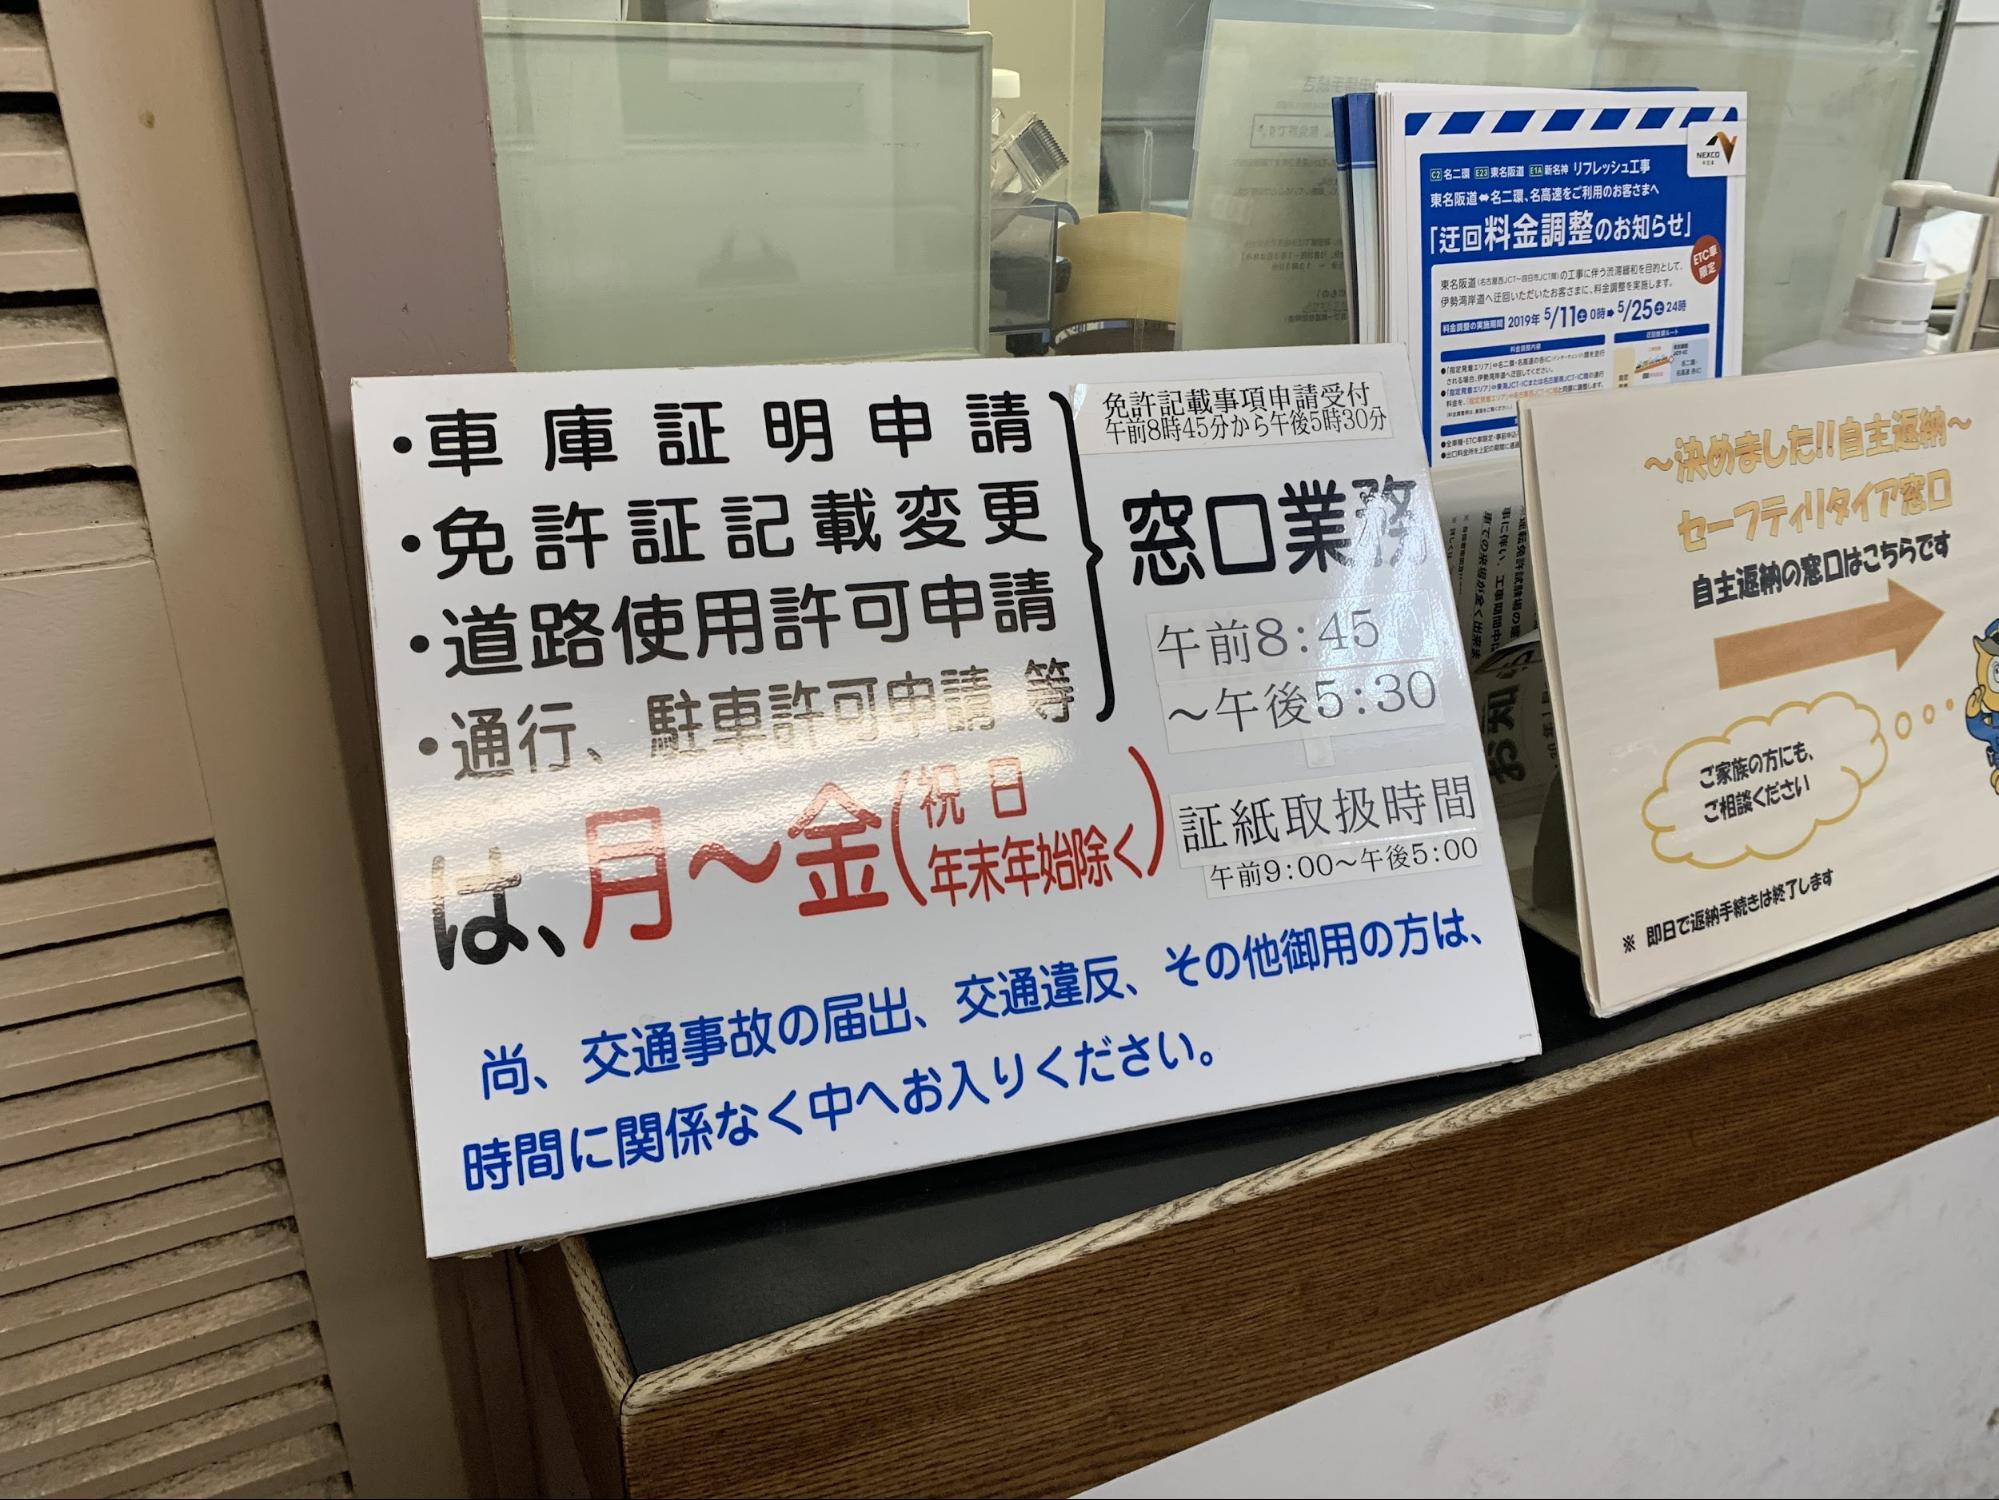 名古屋で新生活をはじめるあなたに「運転免許証の書き換え」方法を紹介 - image2